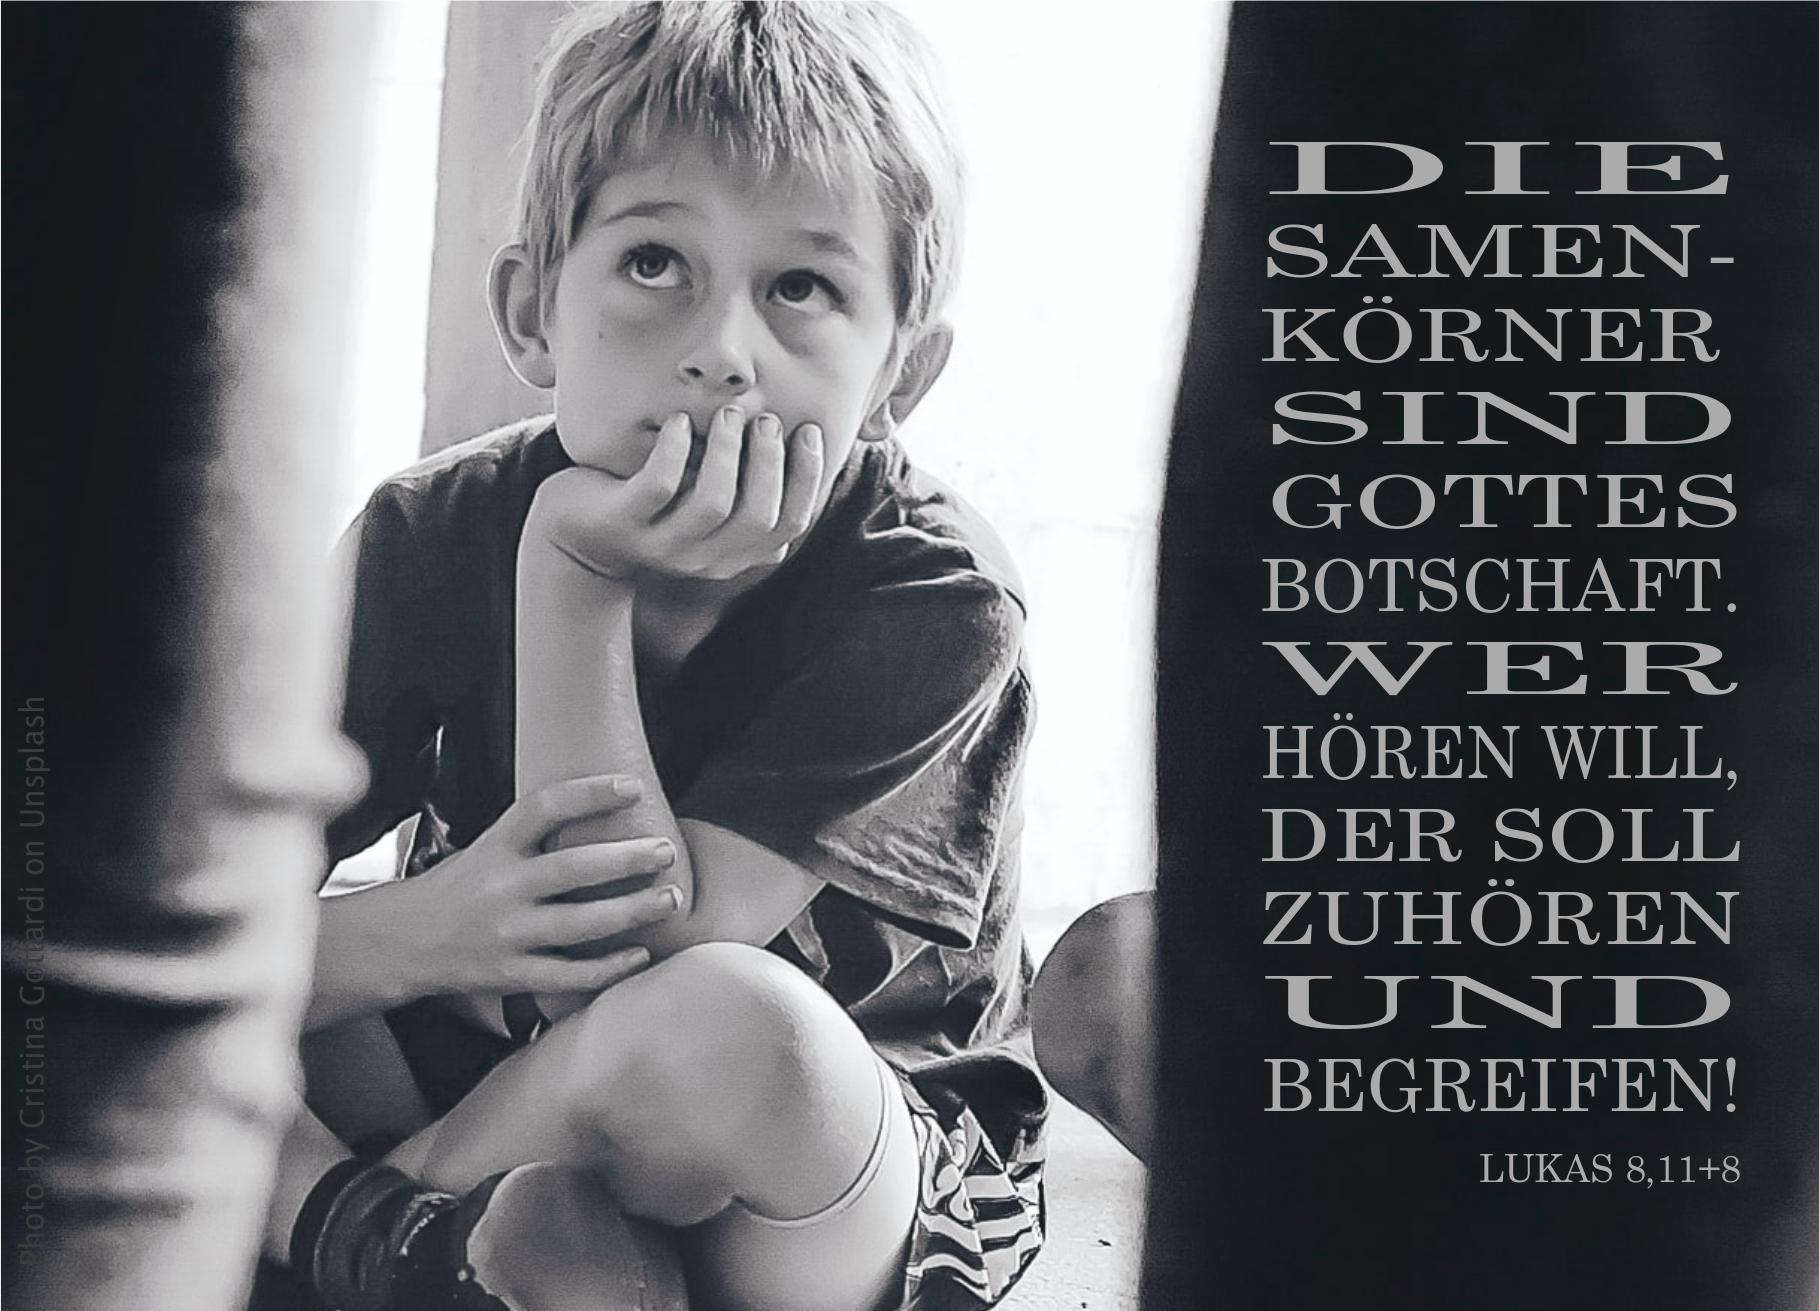 """alt=""""junge_schaut_aufmerksam_hoch_erwartet_bibehoerbuch_"""""""